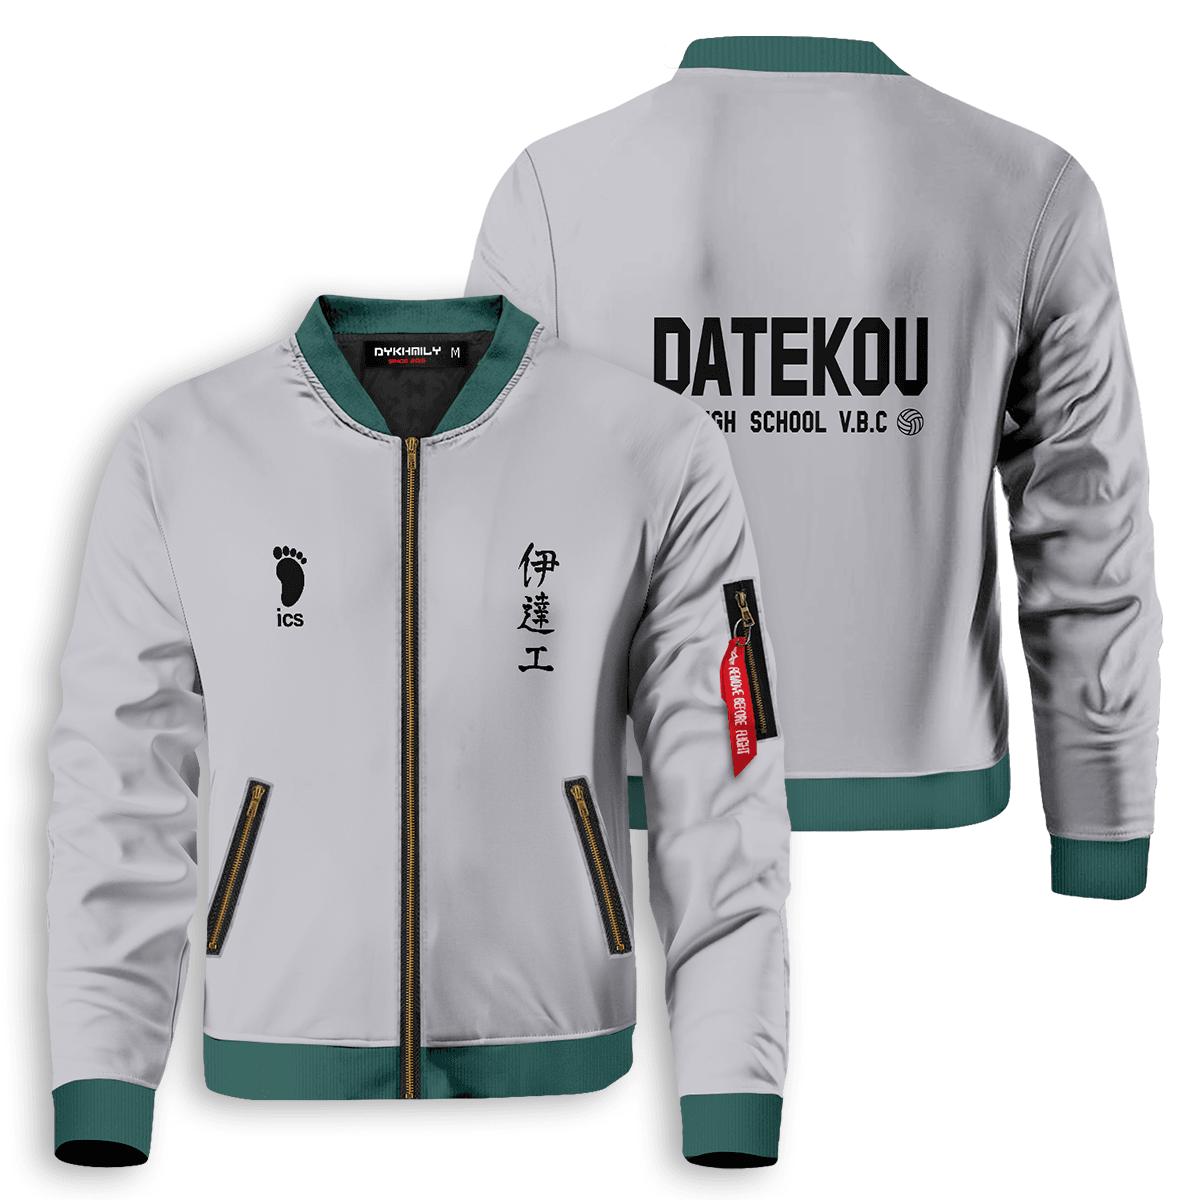 haikyuu datekou bomber jacket 396982 - Anime Jacket